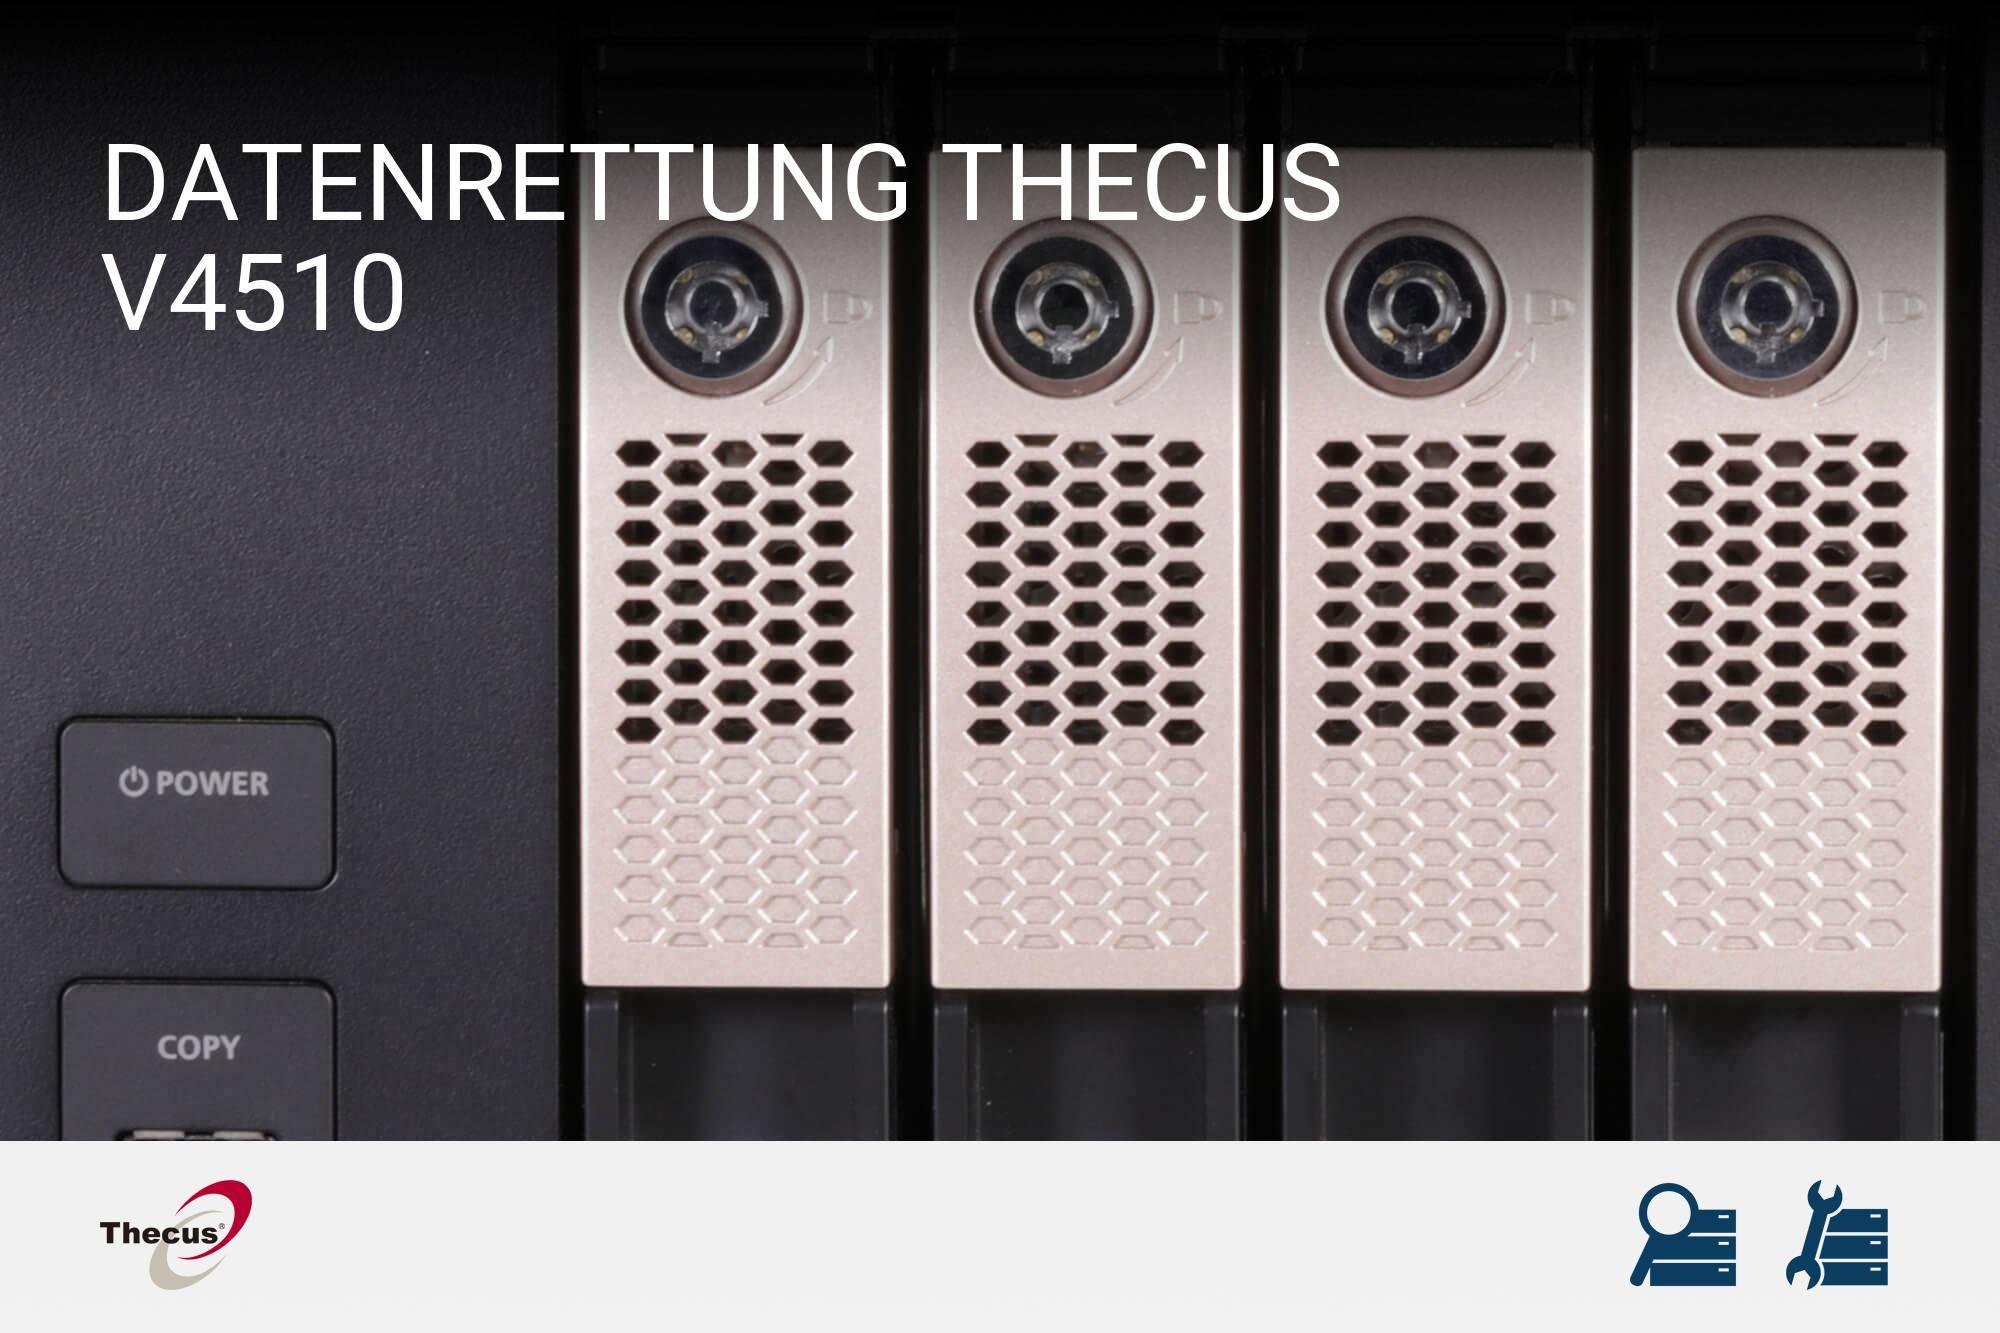 Thecus V4510